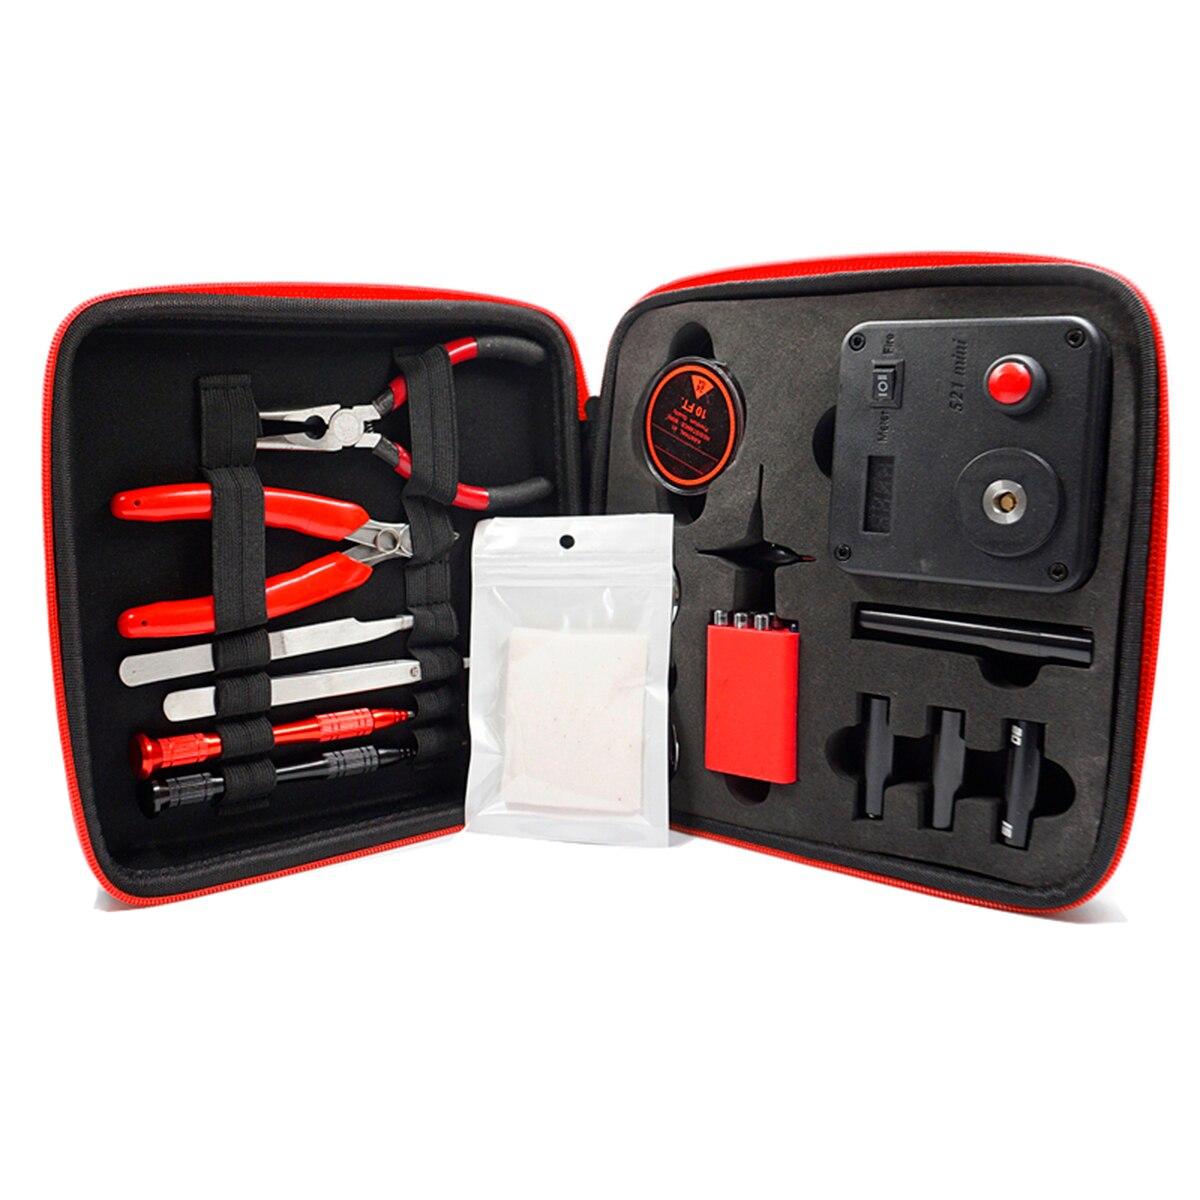 Aggiornamento Bobina Maestro V3 Fai Da Te Kit All-in-one Coilmaster V3 + Sigaretta Elettronica Rda Atomizzatore Bobina Strumento Sacchetto Di Accessori Vape Vaper 5